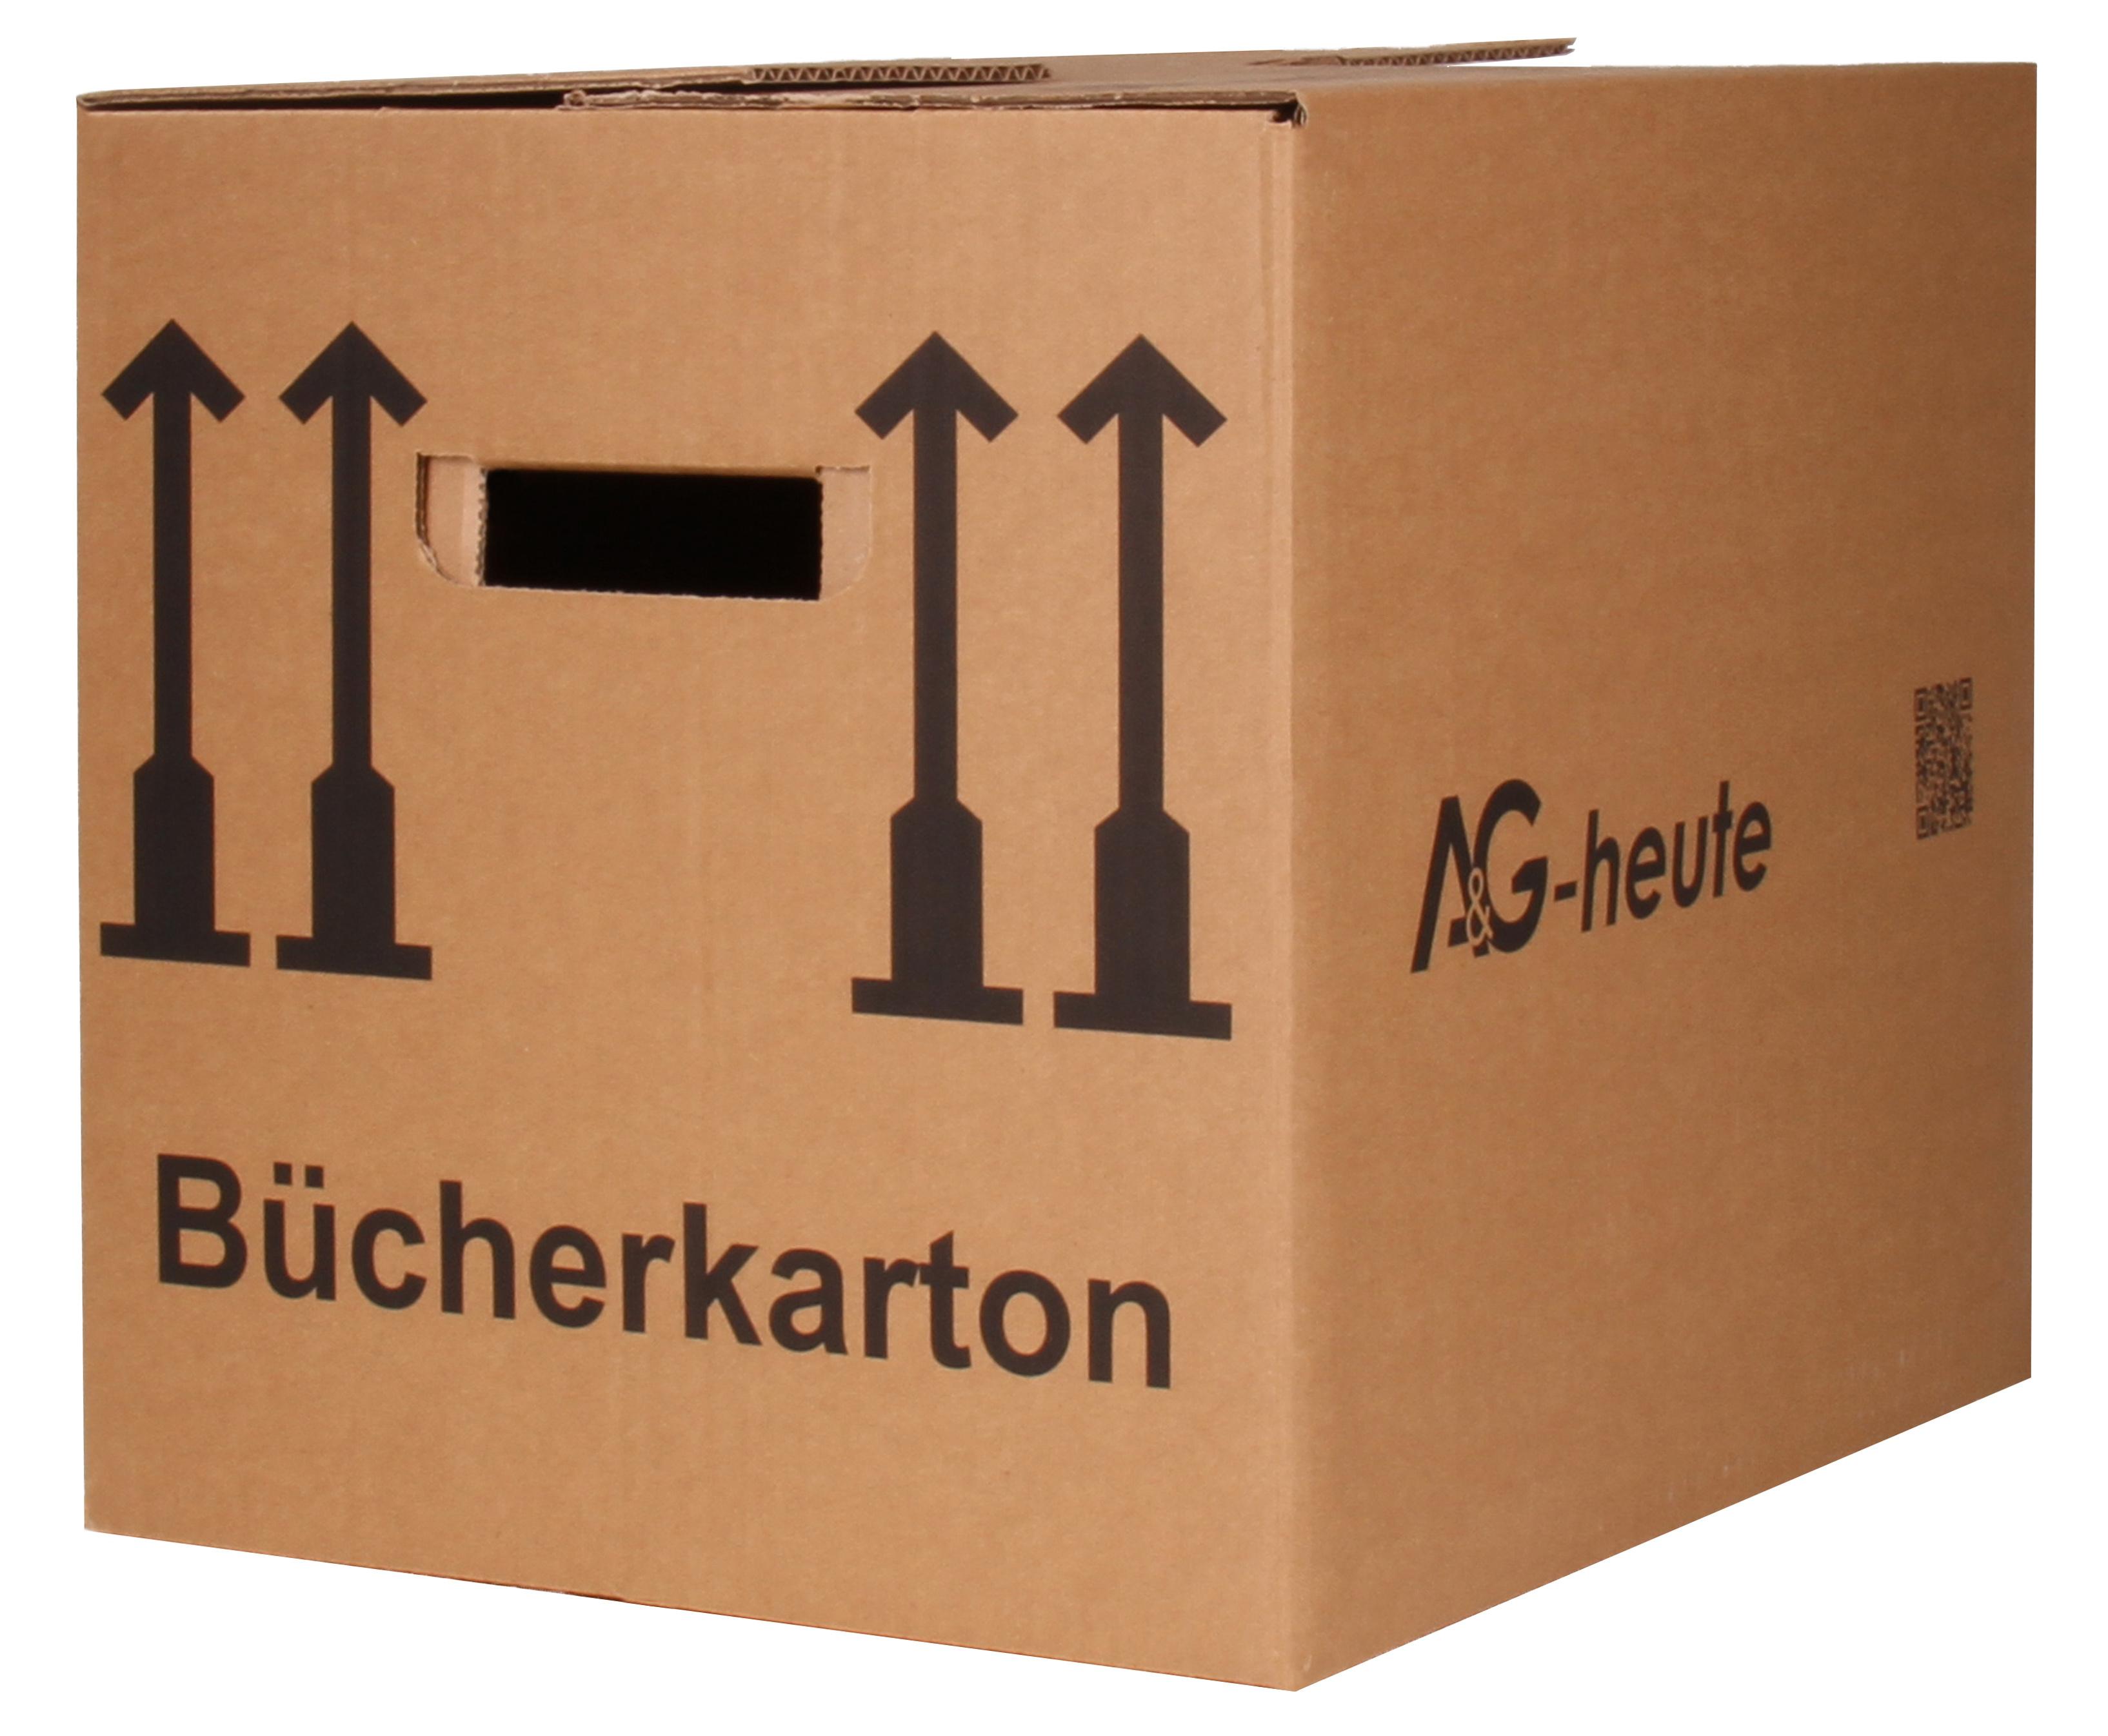 A&G-heute Bücherkartons 400 x 330 x 340mm